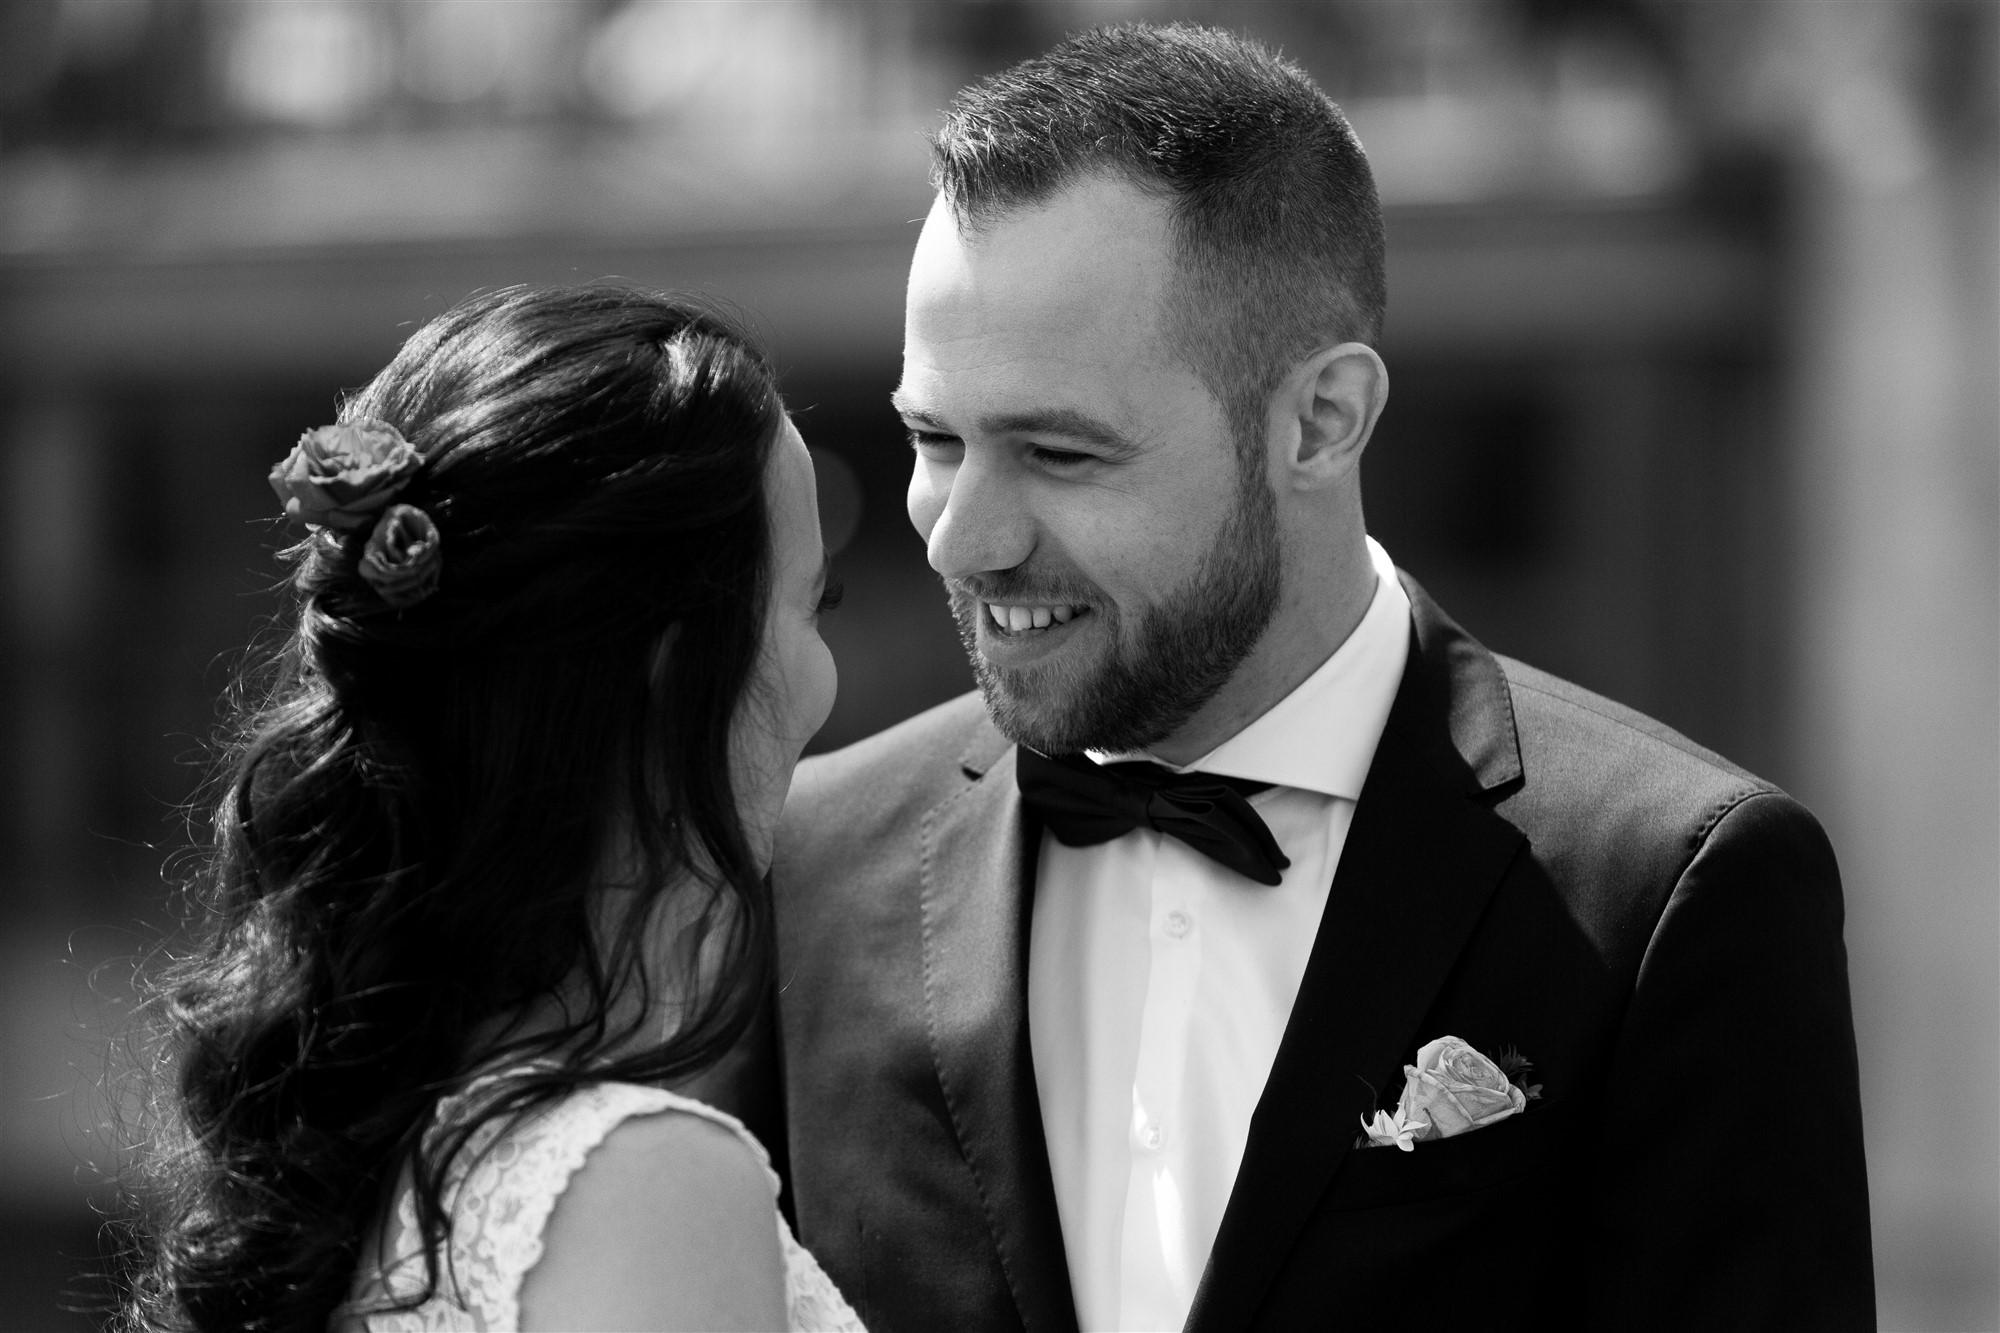 Das romantische Brautpaar Fotoshooting in Basel bei der Hochzeitsfotografn Nicole.Gallery